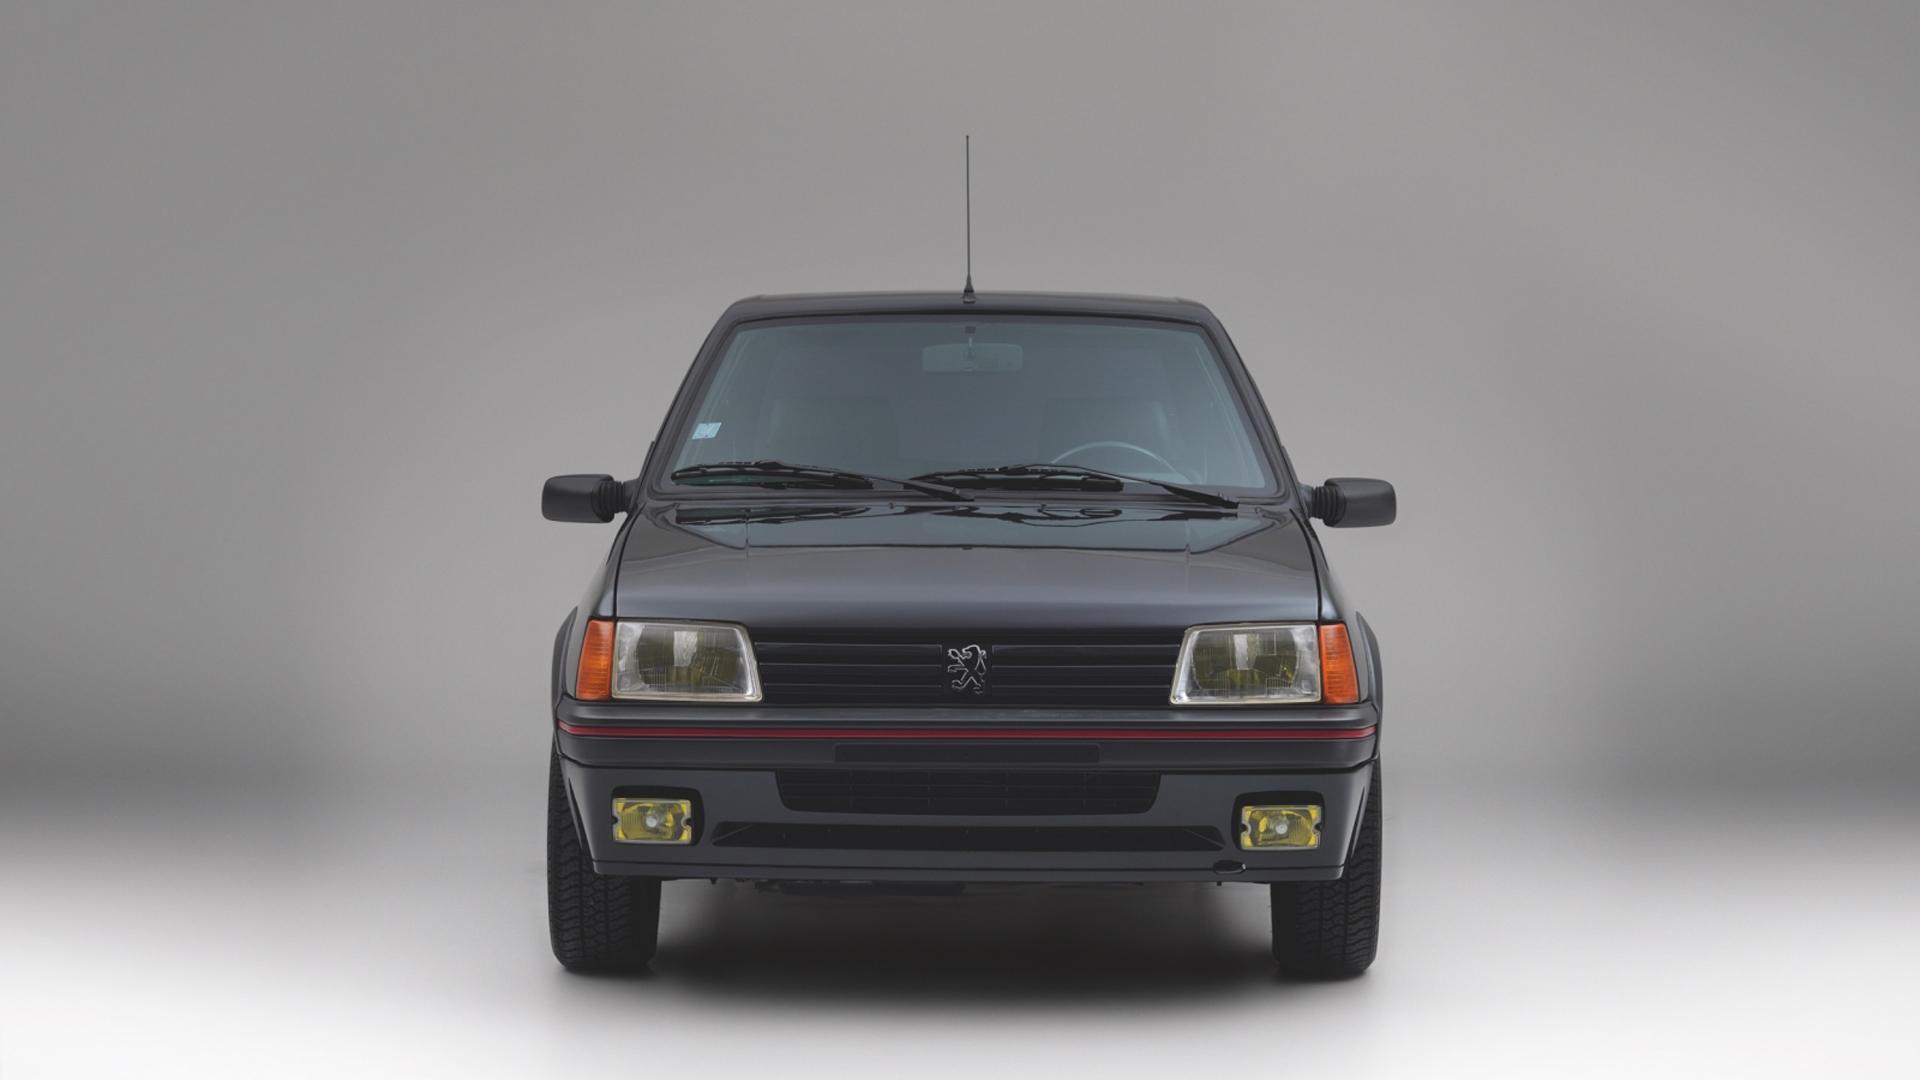 El Peugeot 205 GTI del dueño de la moda subió de peso 400 kilos luego de blindarlo